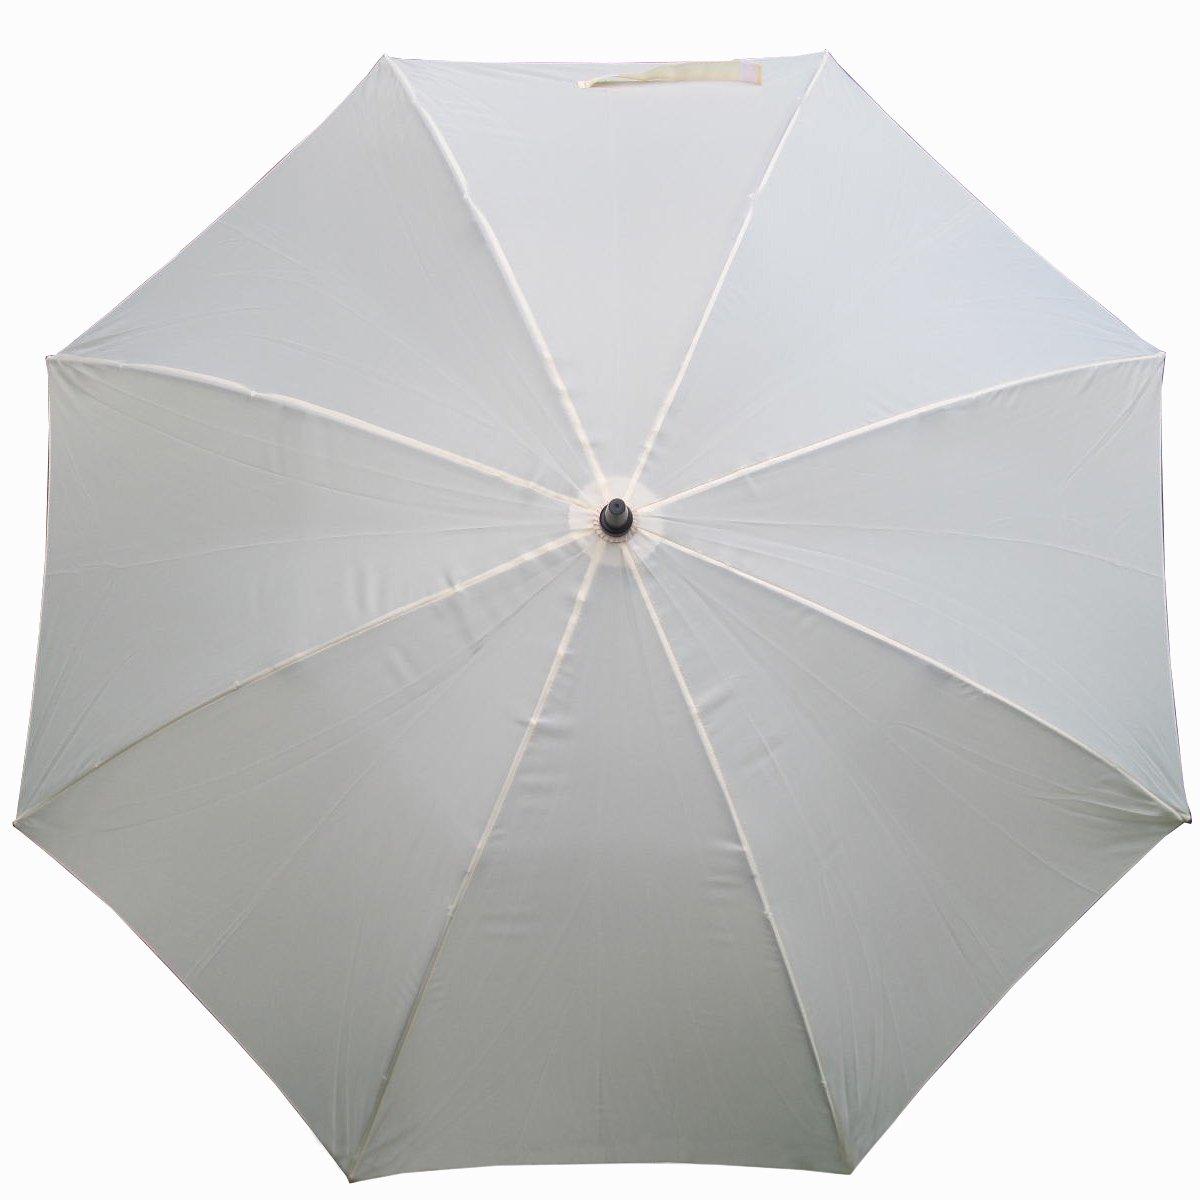 ウェディング傘ホワイトジャンボ68インチゴルフ傘   B0030VGQXG